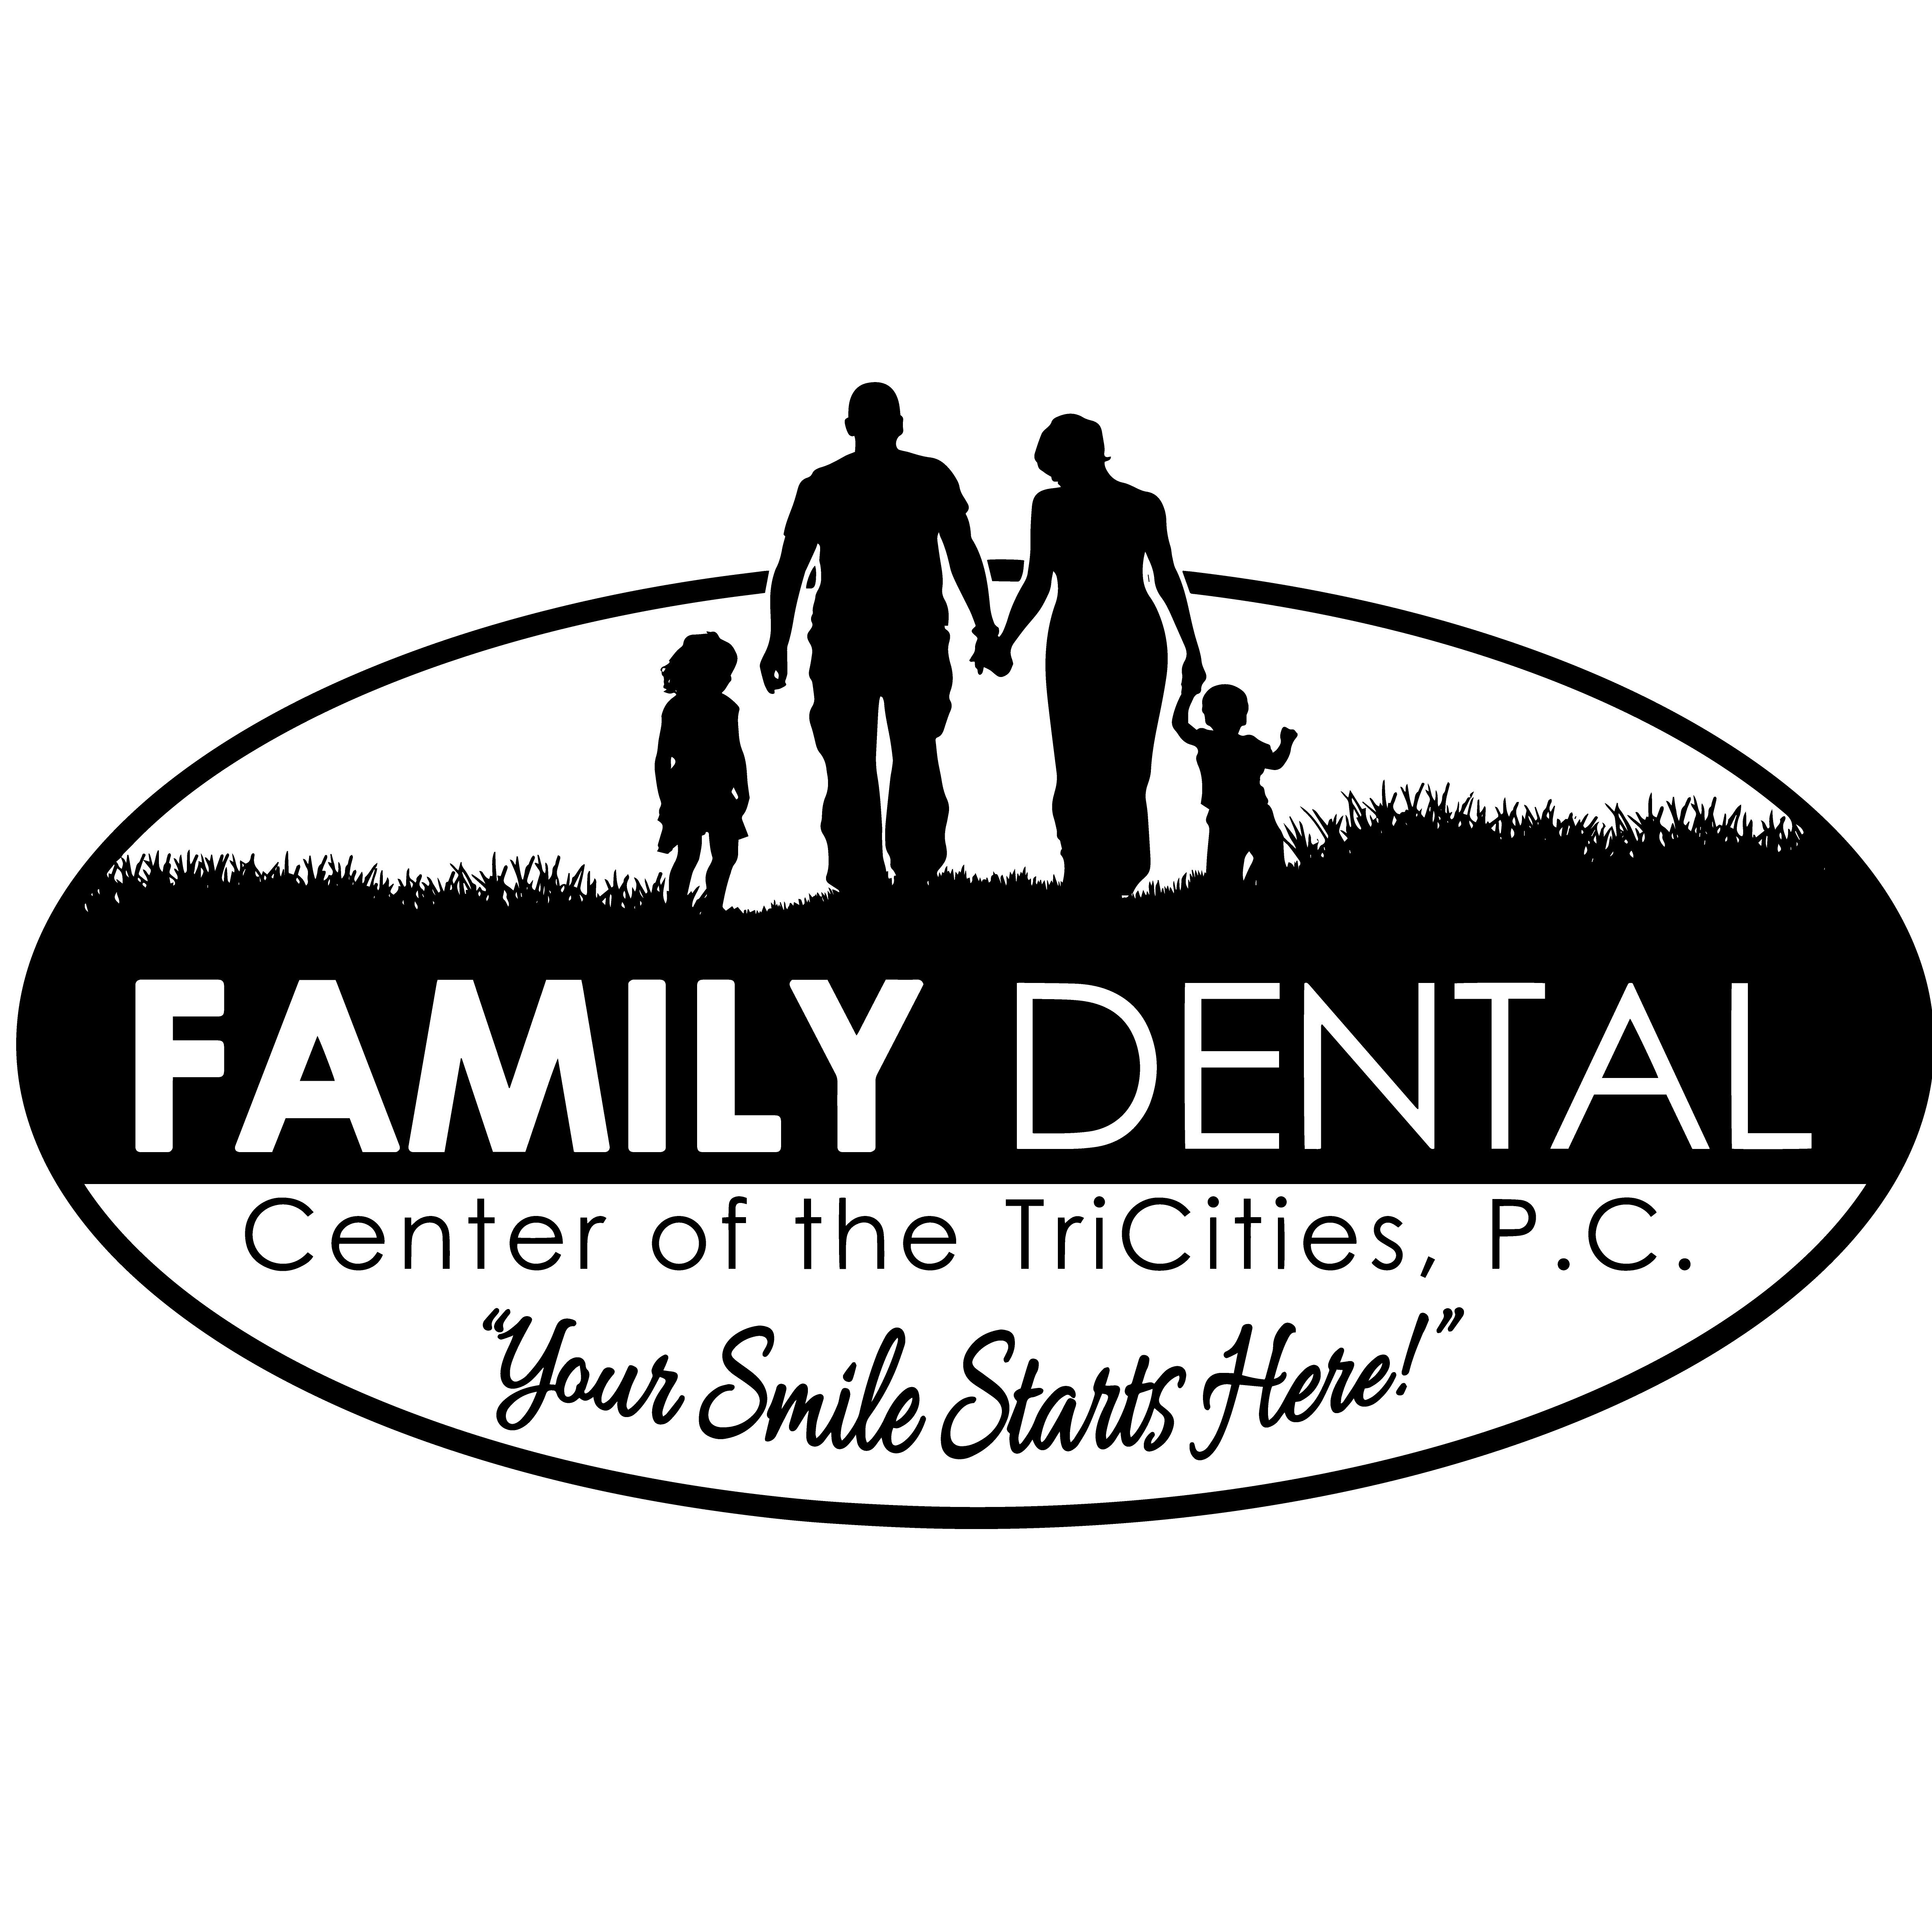 Family Dental Center, P.C.